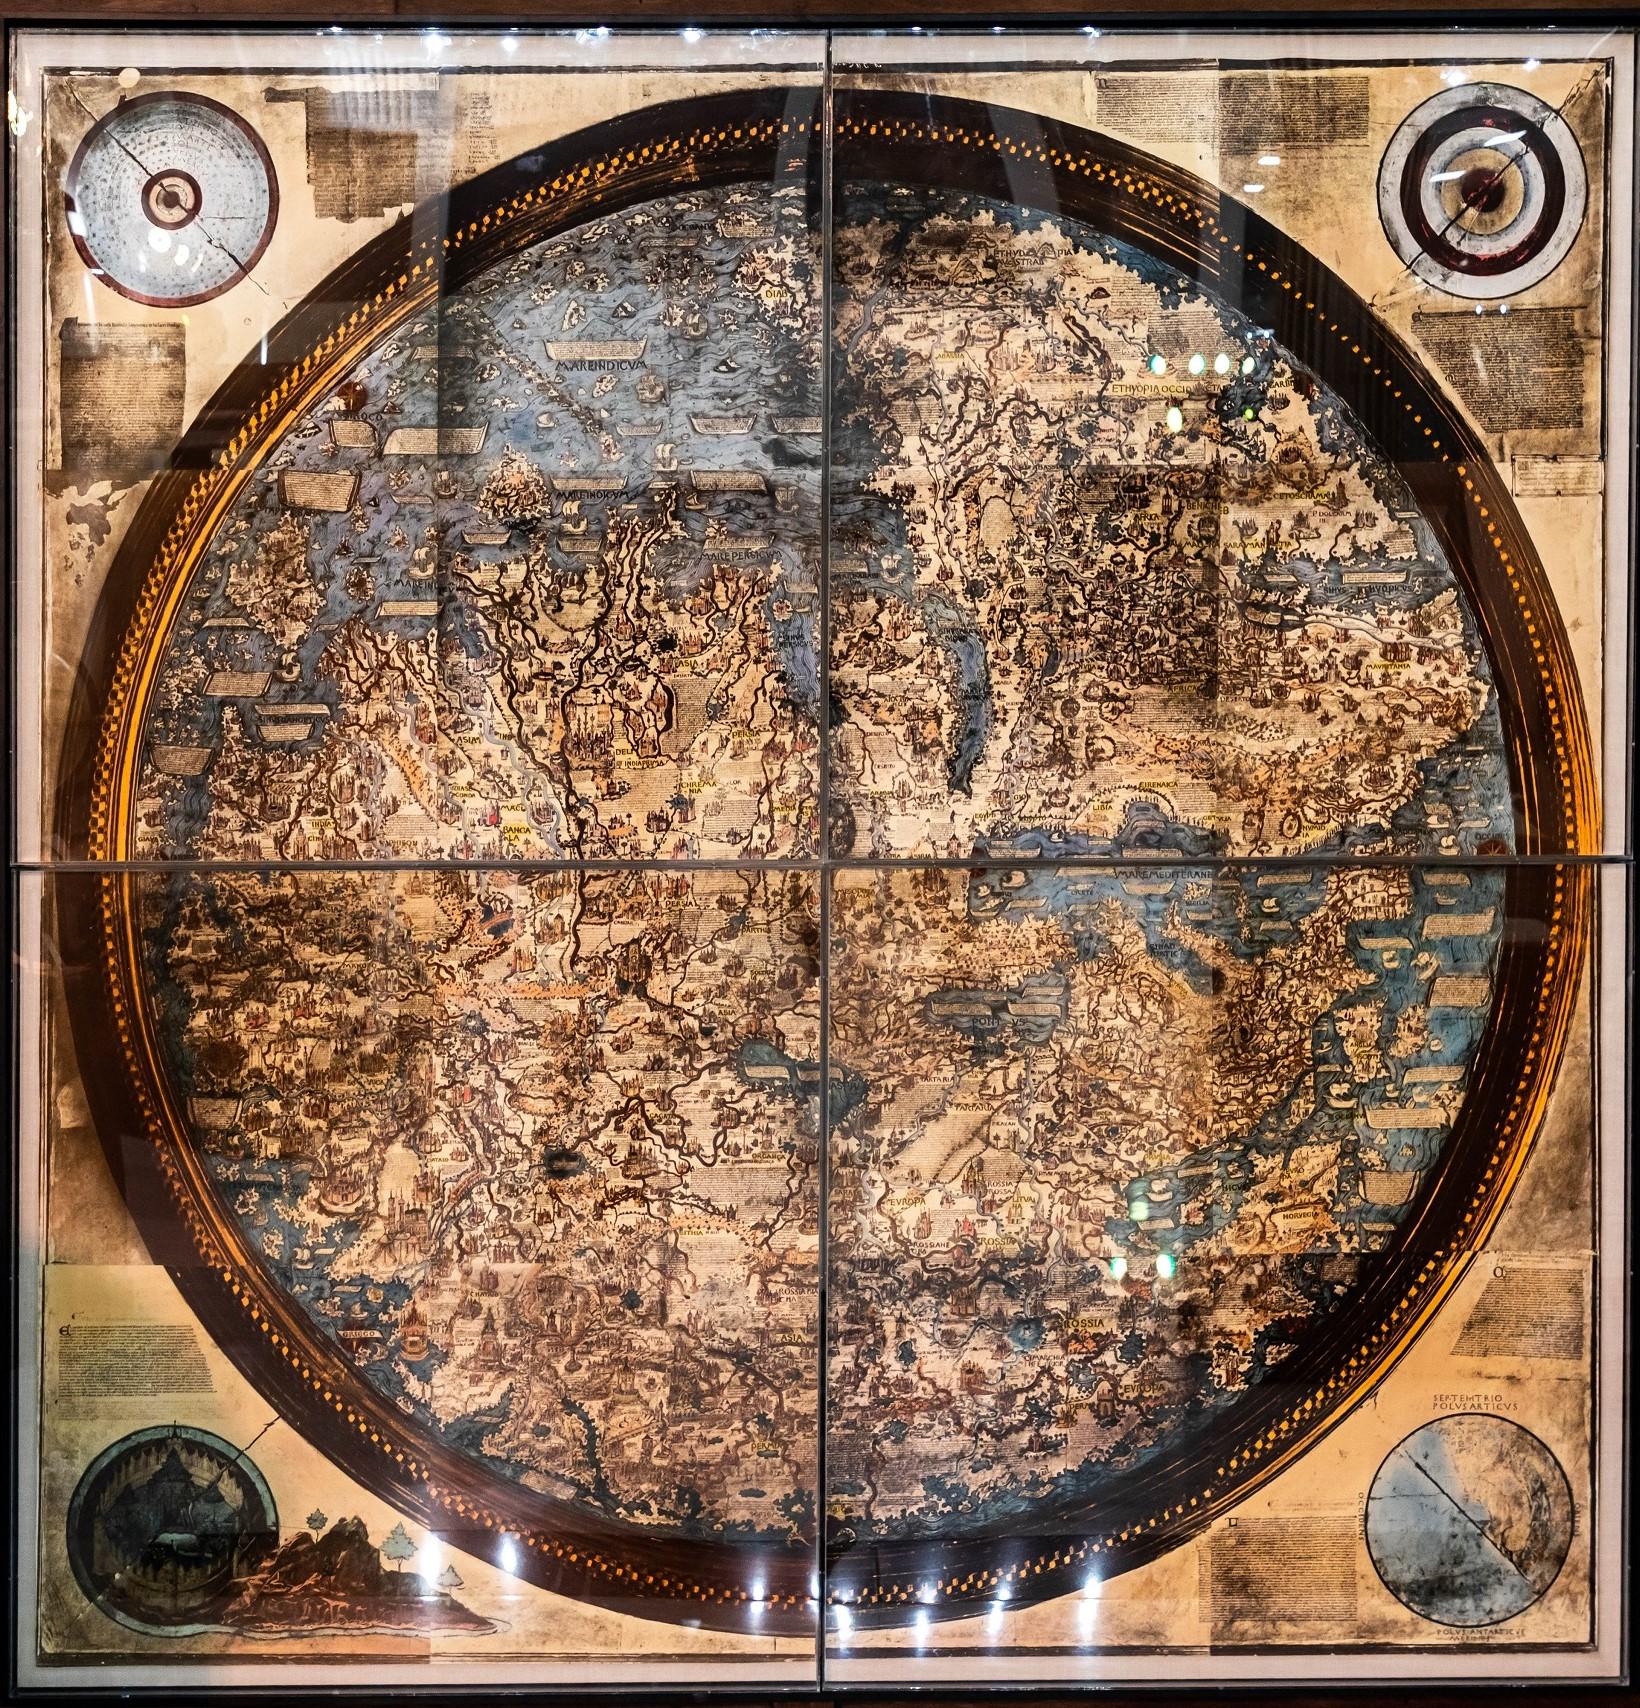 خريطة مابا موندي لـ فرا ماورو